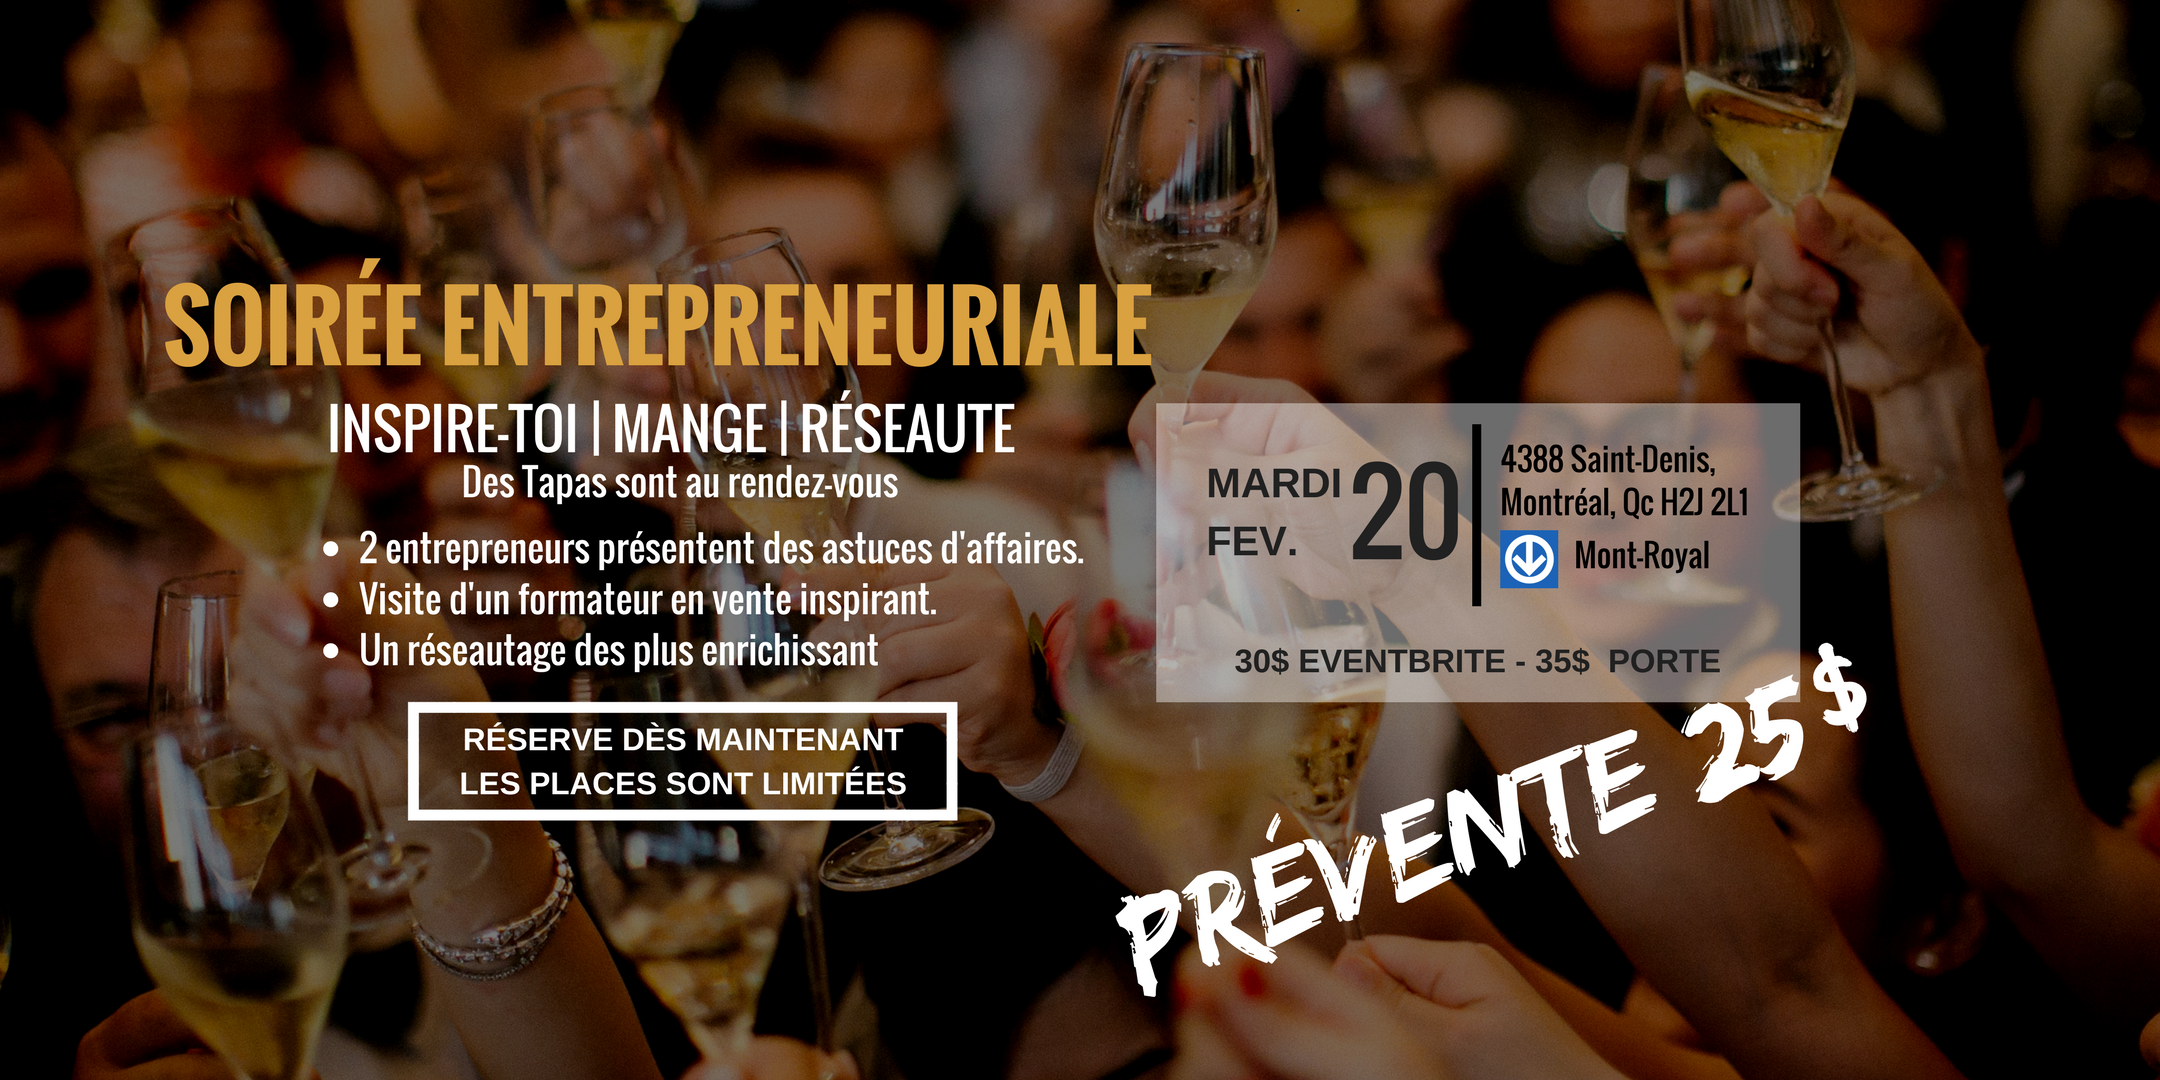 La soirée entrepreneuriale - Réseautage & Con